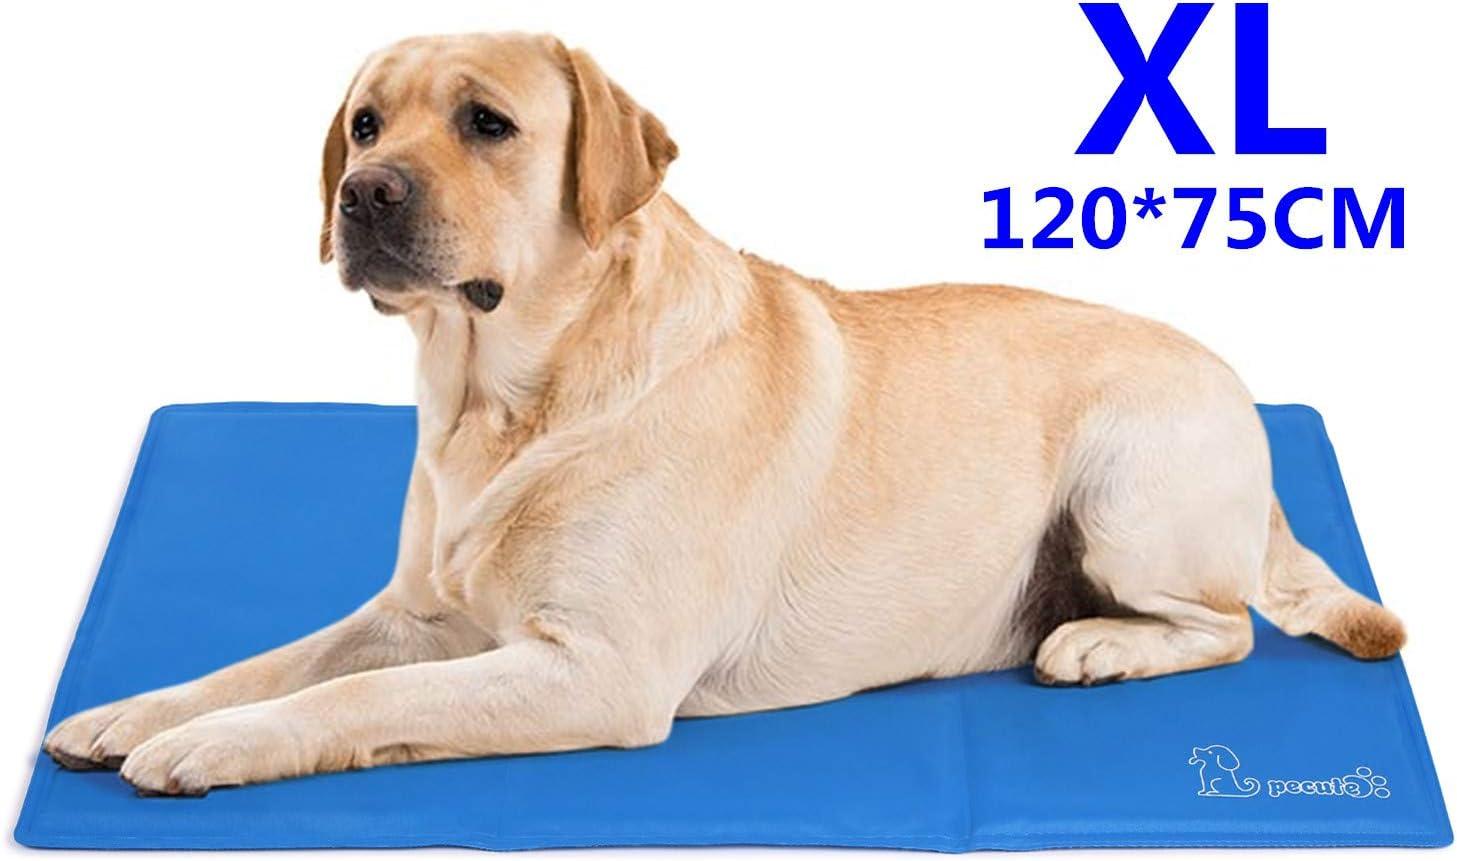 Pecute Alfombrilla de Refrigeración Animales Nevera y Manta para Perro Fresco Cojín Azul Nevera Techo Perfecta para Camas de Suelo Couch Zwinger Auto (XL(75*120cm))